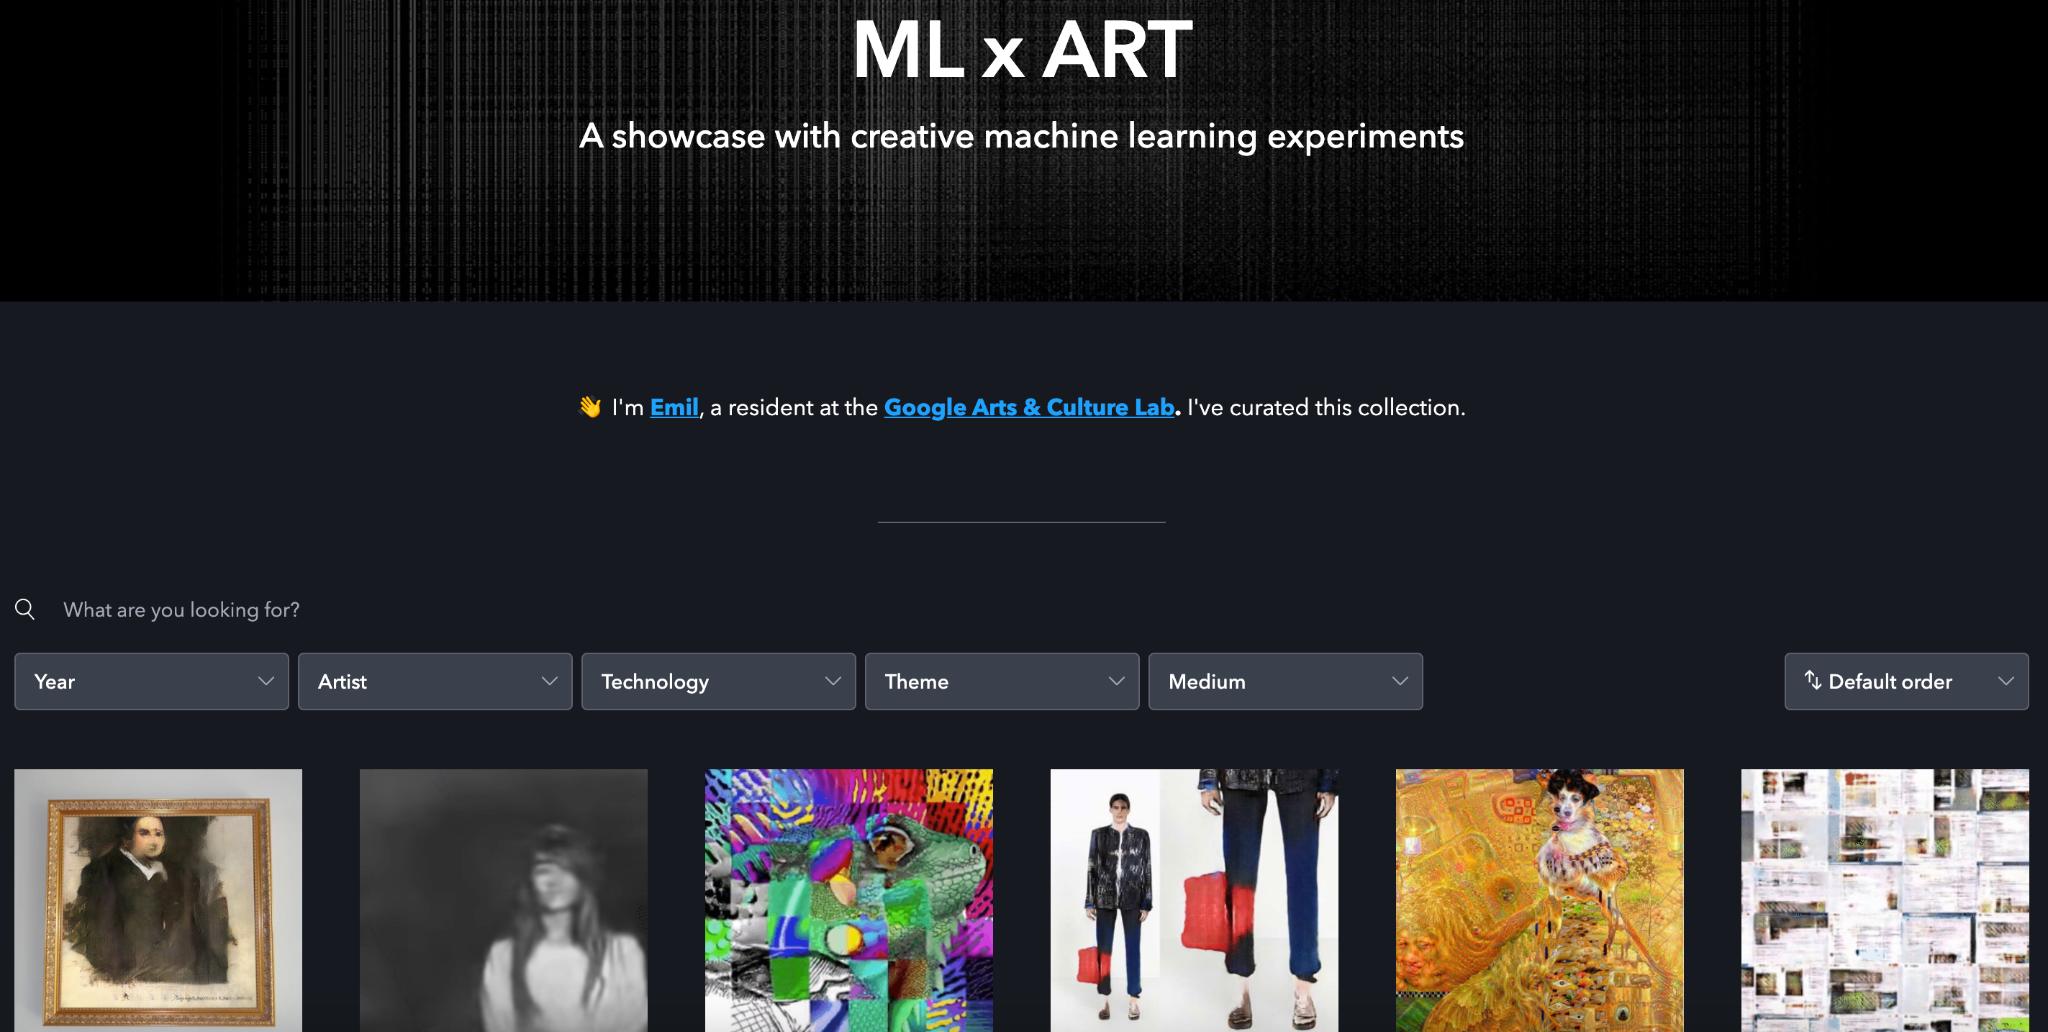 Homepage view of MLxART